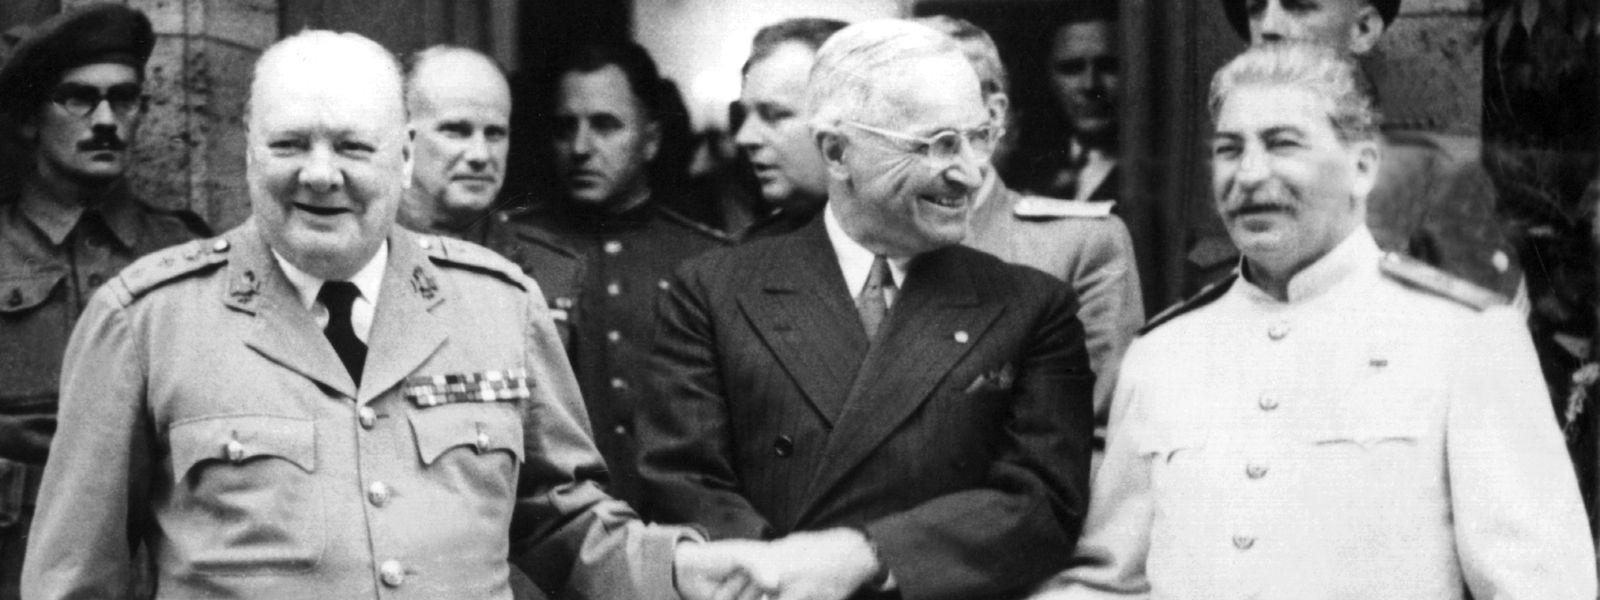 Der britische Premierminister Winston Churchill (l.), der amerikanische Präsident Harry S. Truman (m.) und der sowjetische Diktator Josef Stalin reichen sich im Sommer 1945 während der Potsdamer Konferenz die Hände. Noch während der Konferenz wurde Churchill abgewählt.